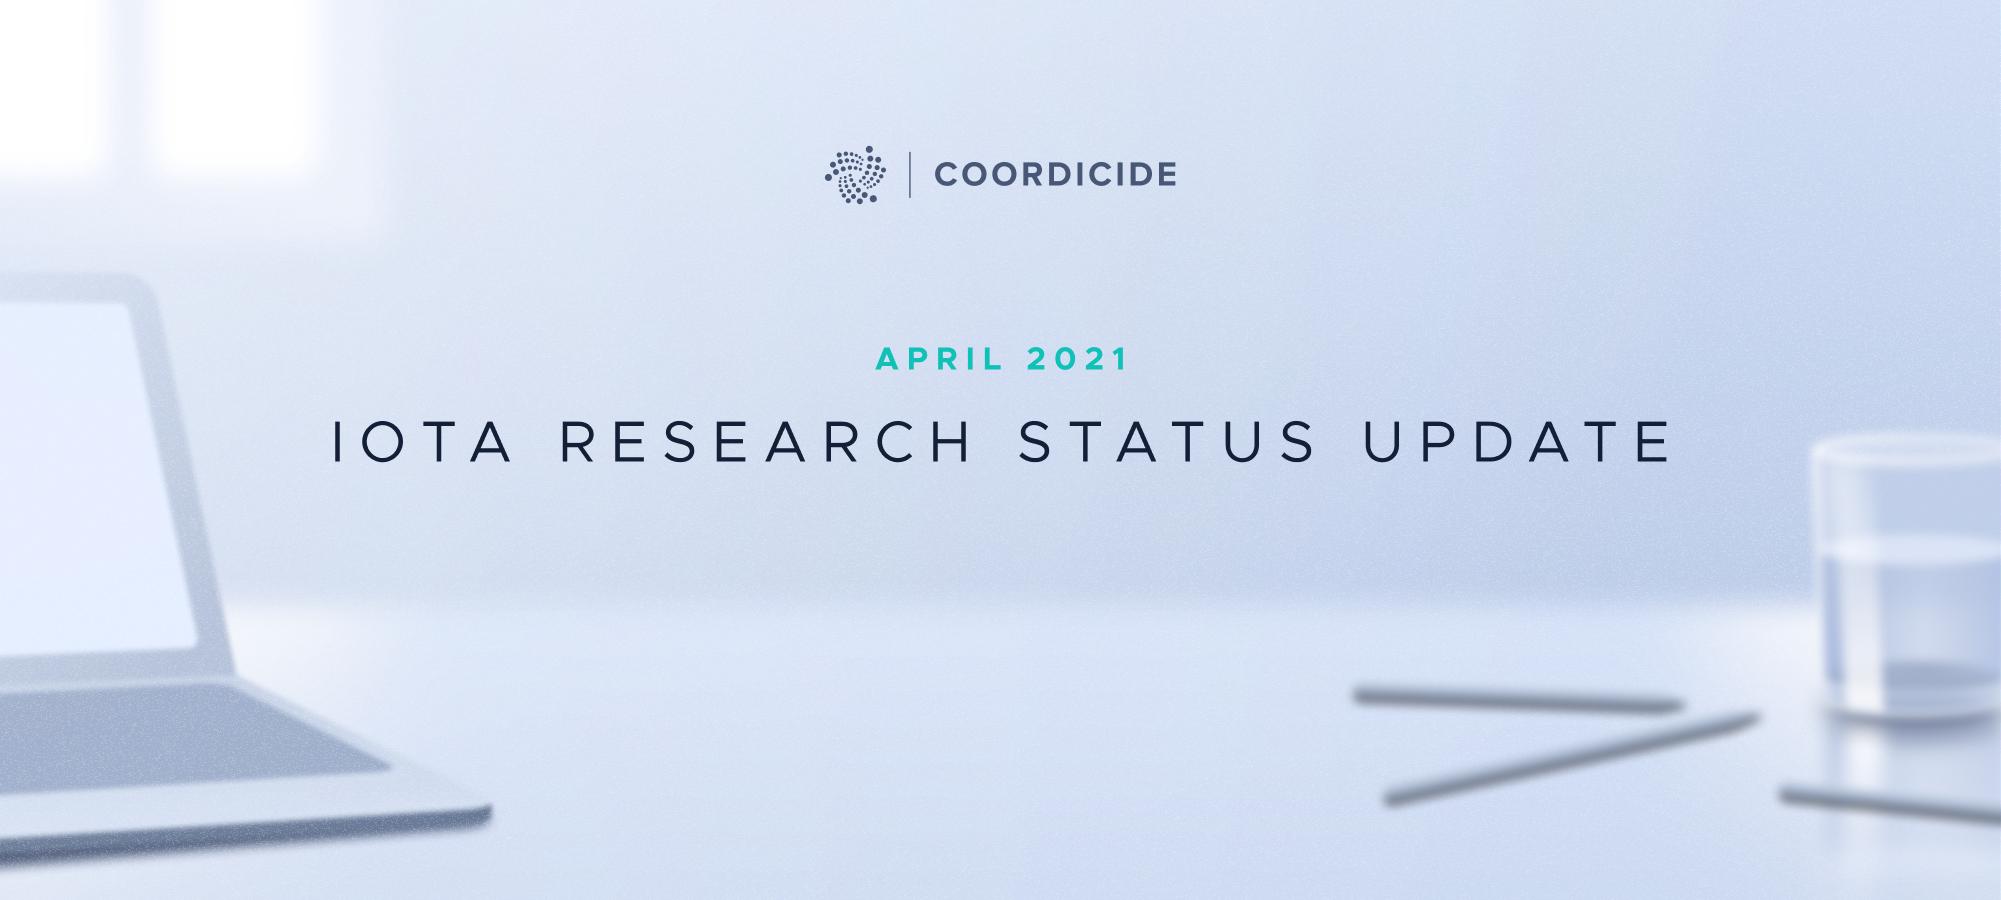 IOTA Research Status Update April 2021